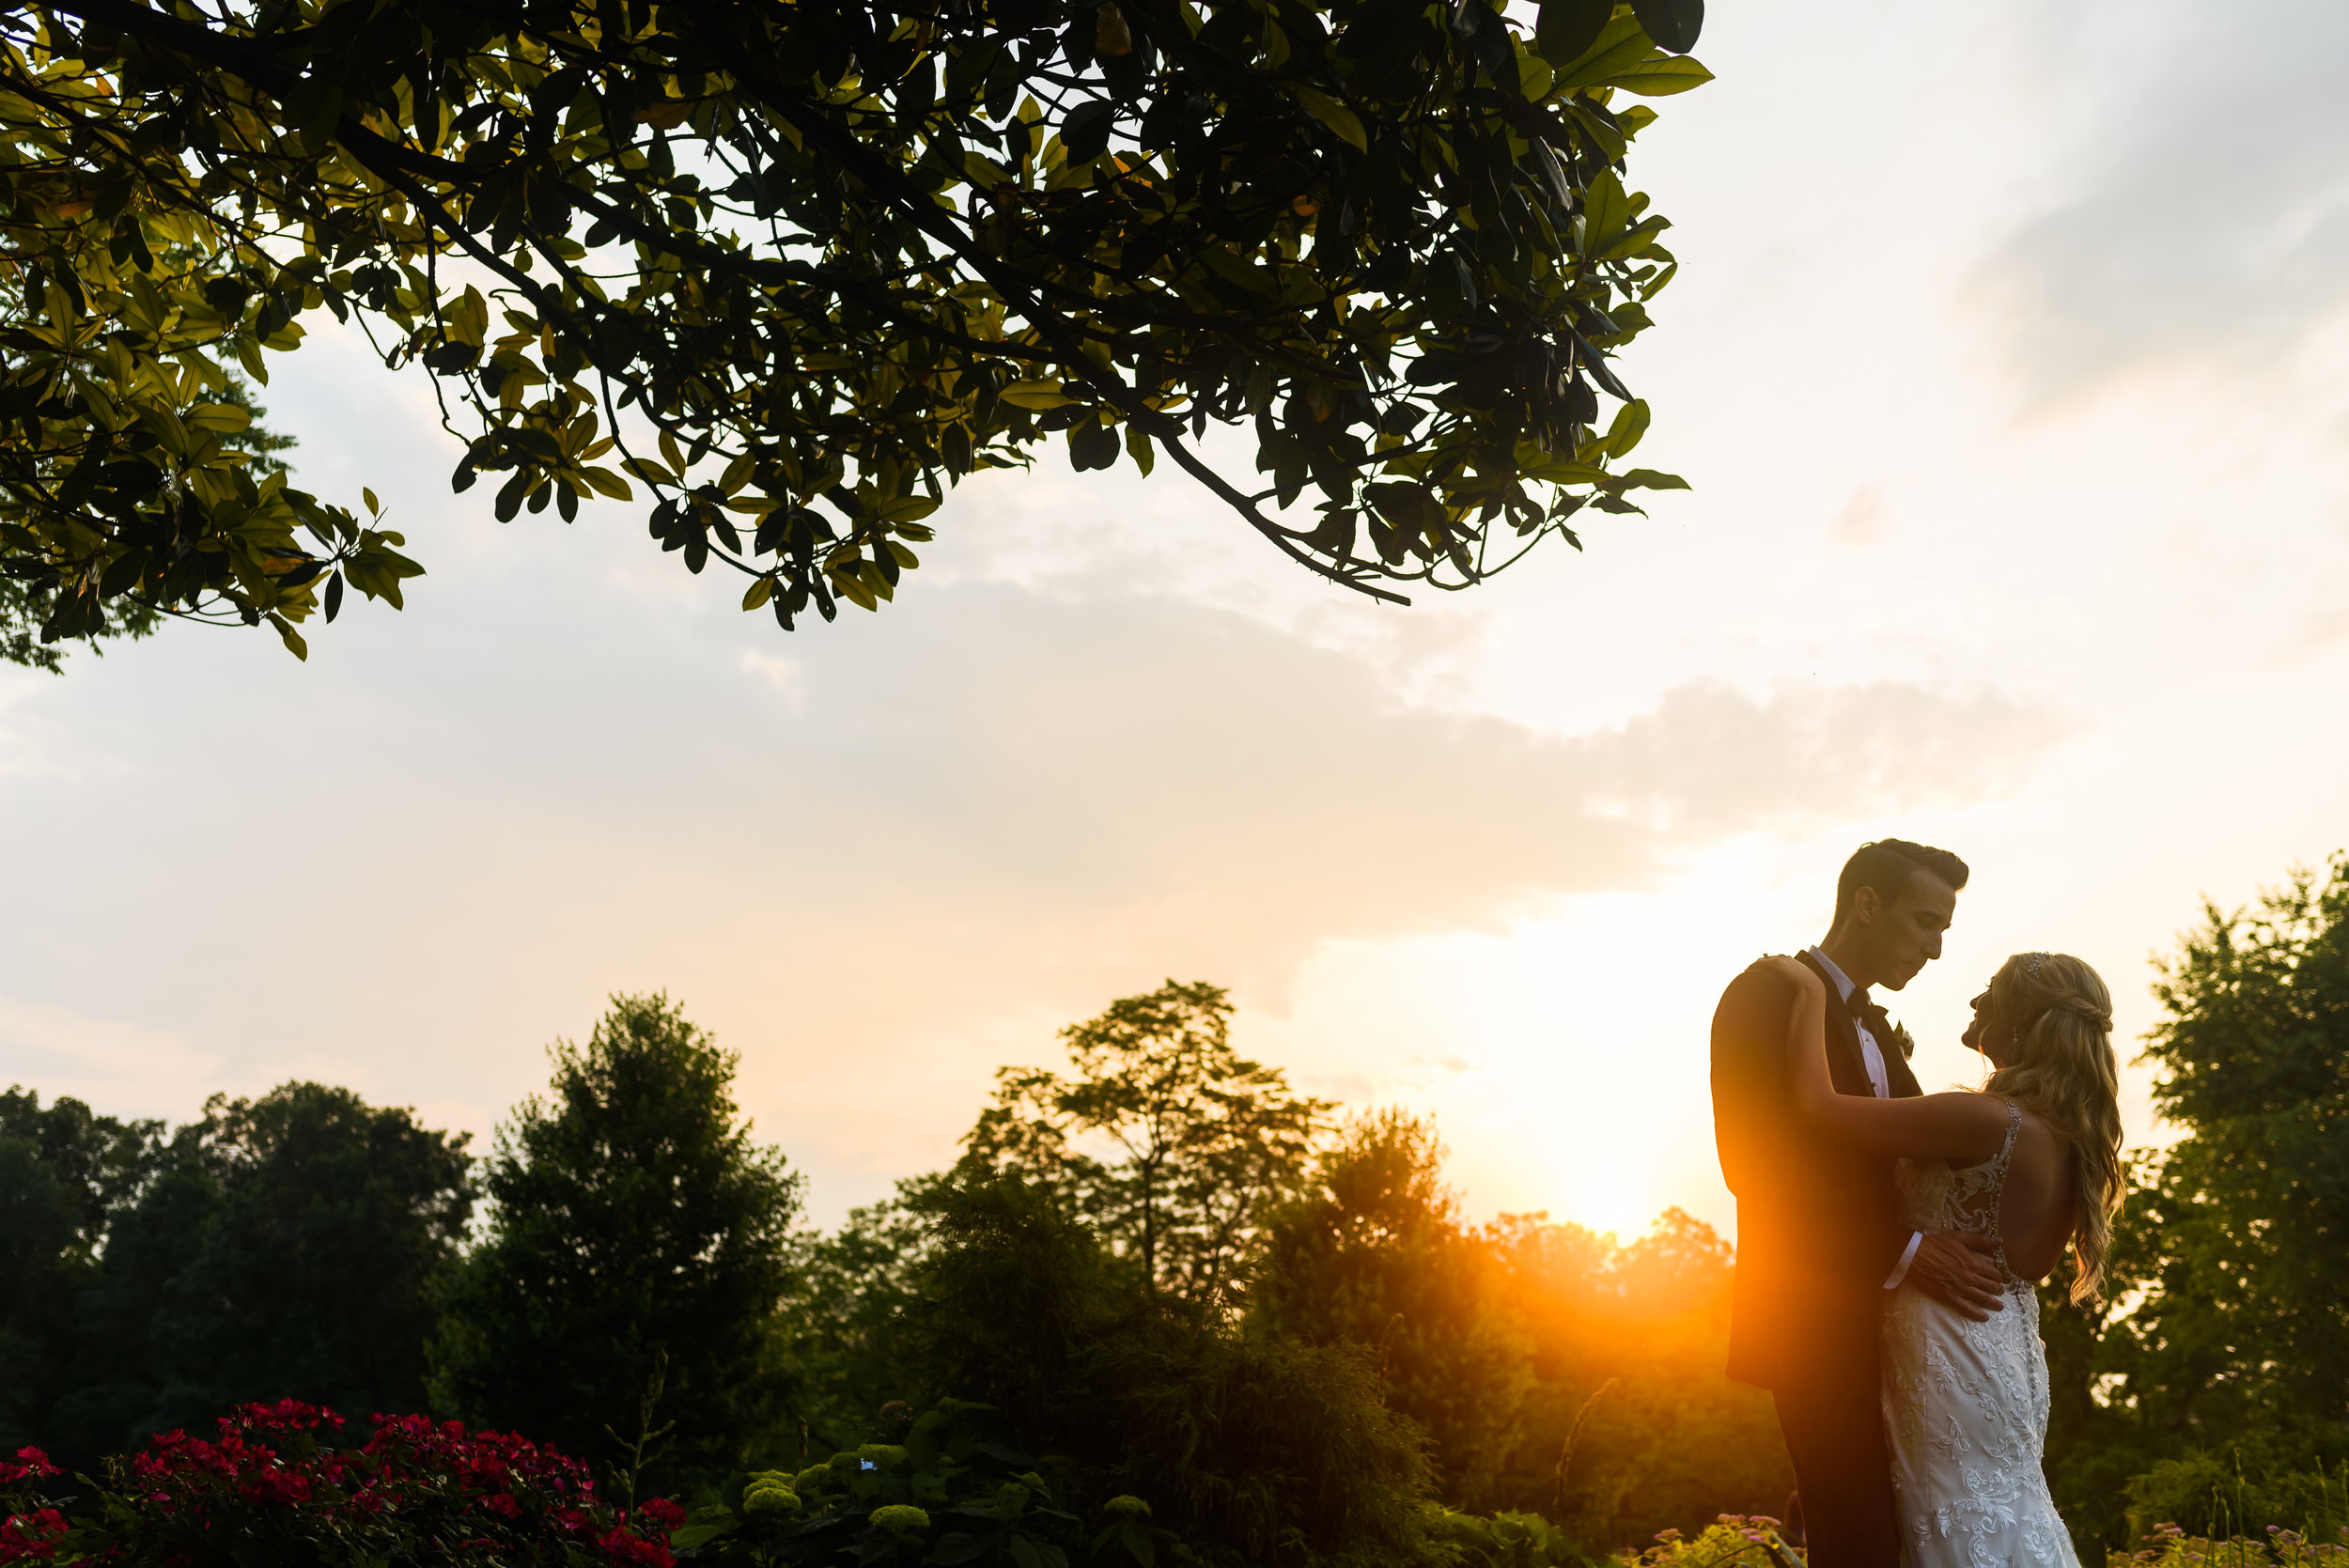 Haddad-Husband-Wife-6.jpg